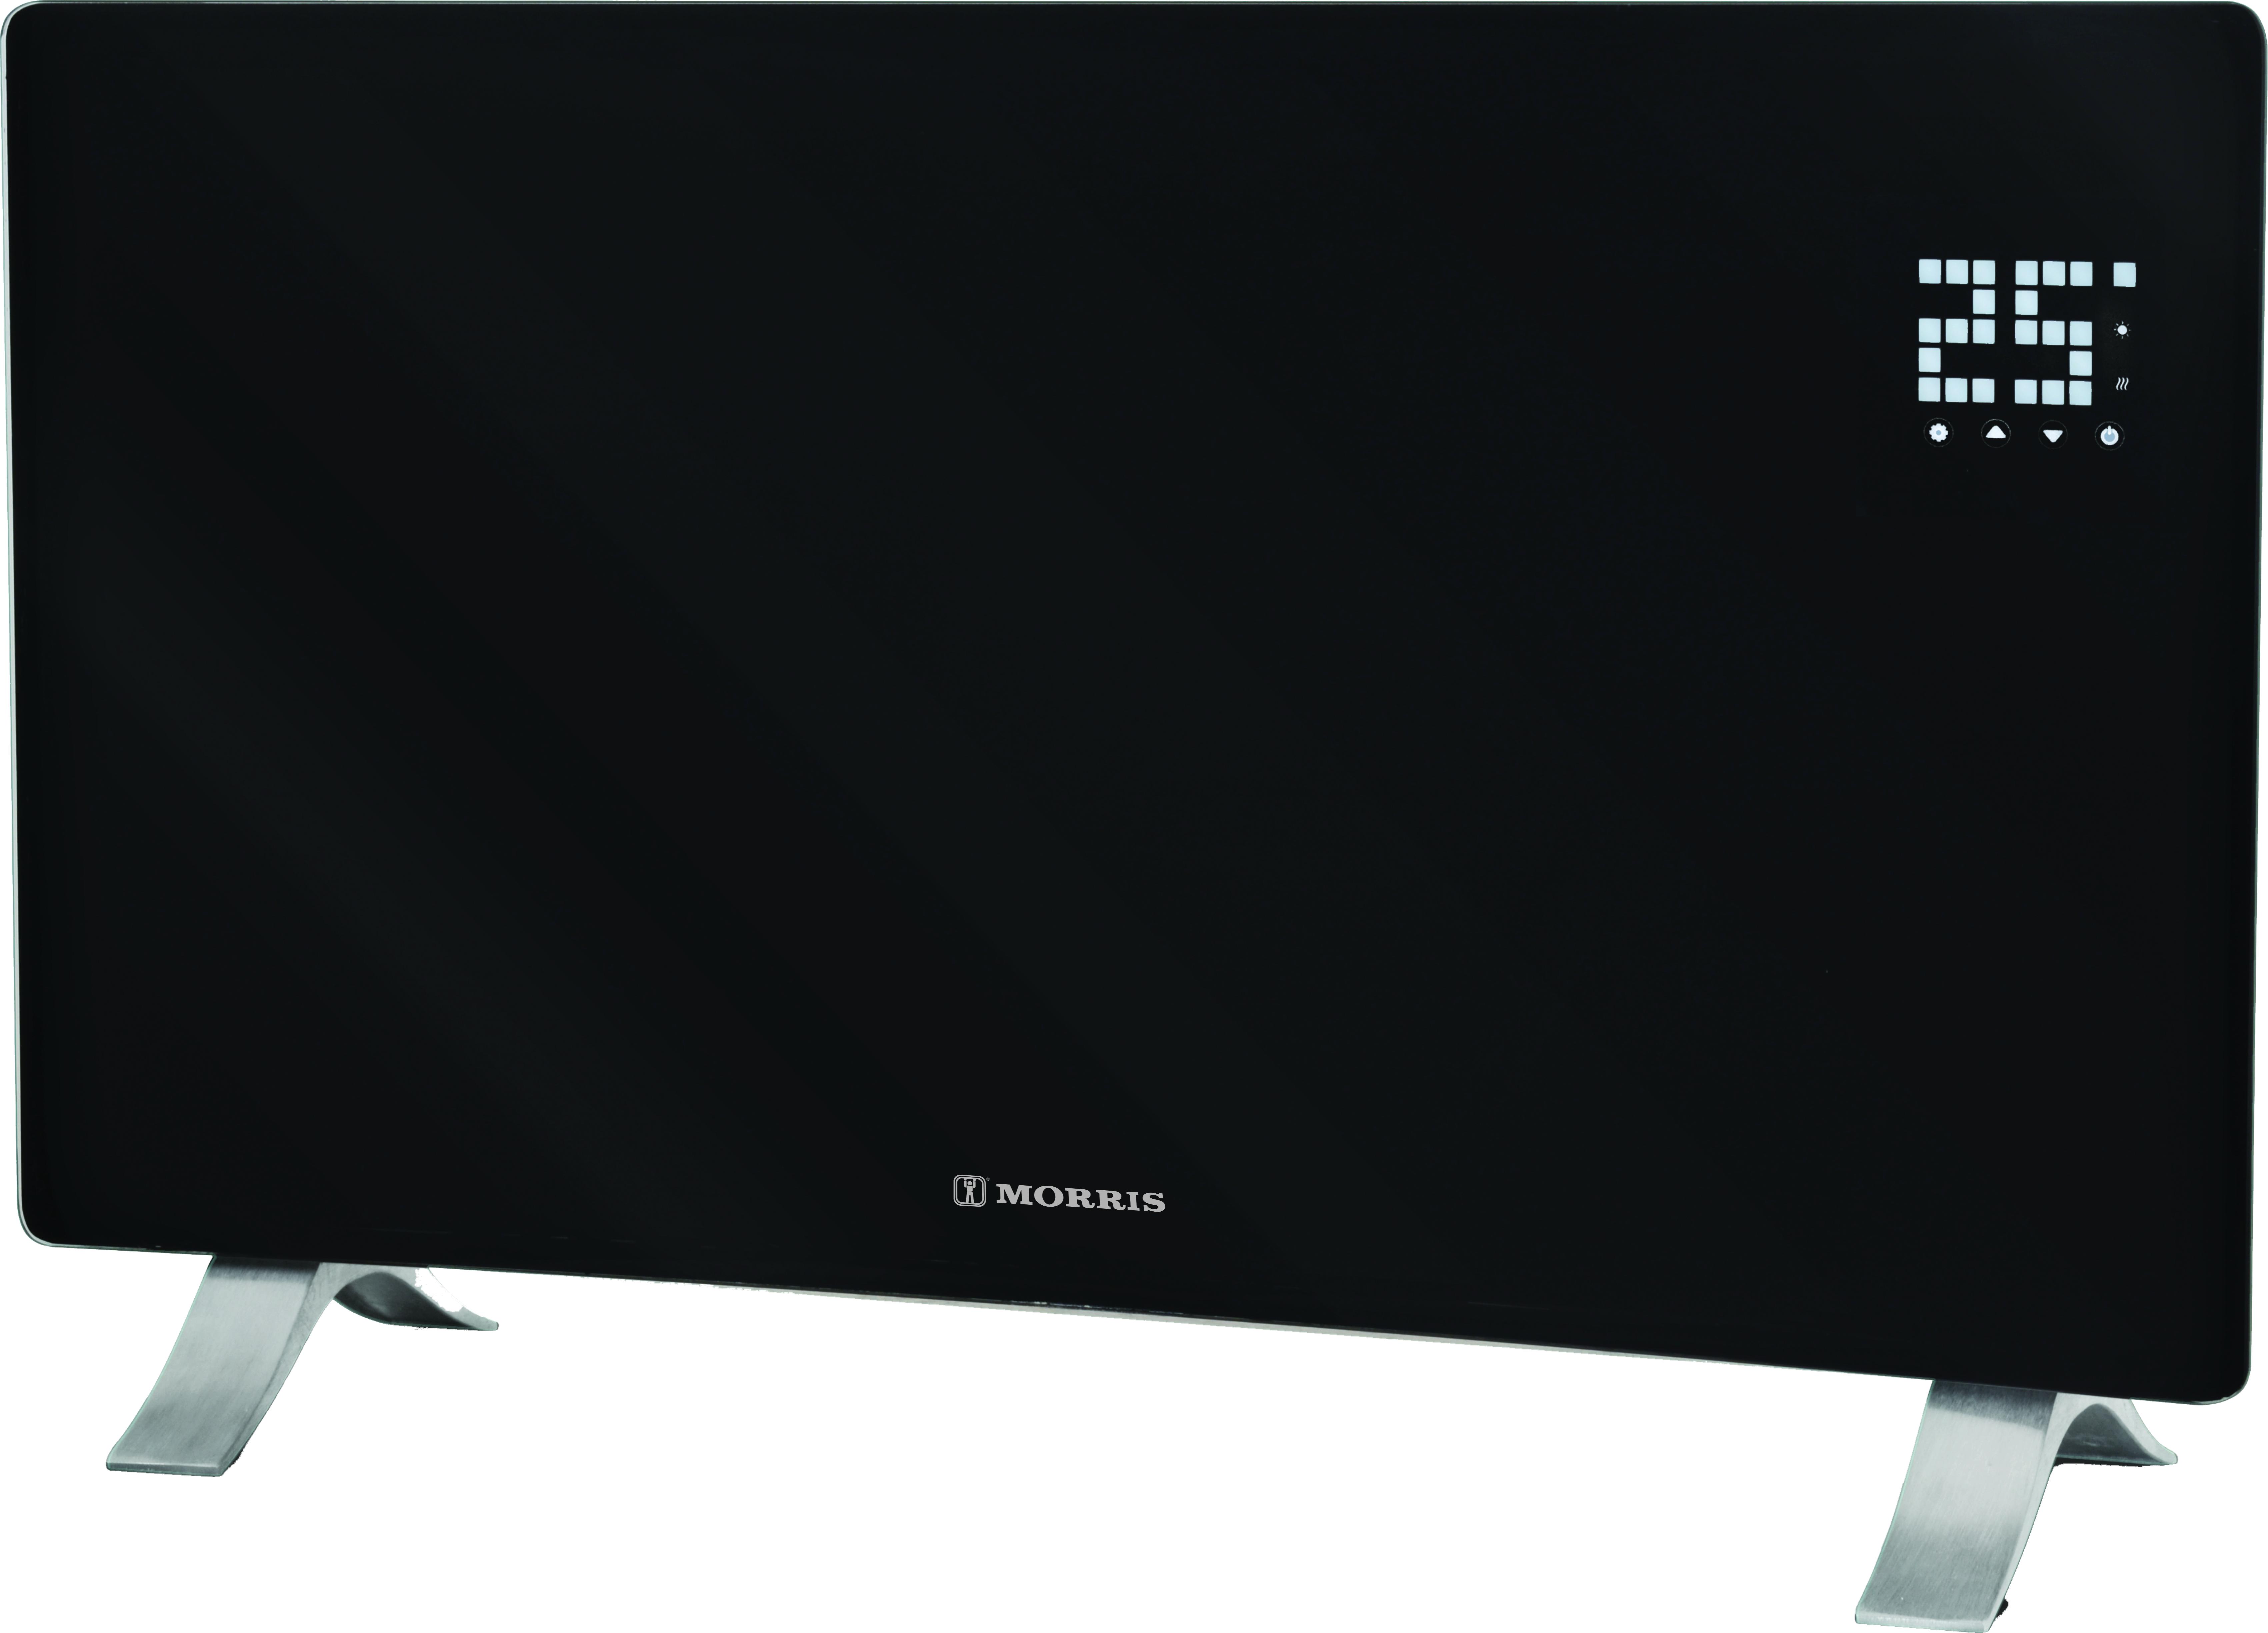 MORRIS MPH-20041 ΘΕΡΜΑΝΤΙΚΟ PANEL ΣΕ ΓΥΑΛΙ 2400W